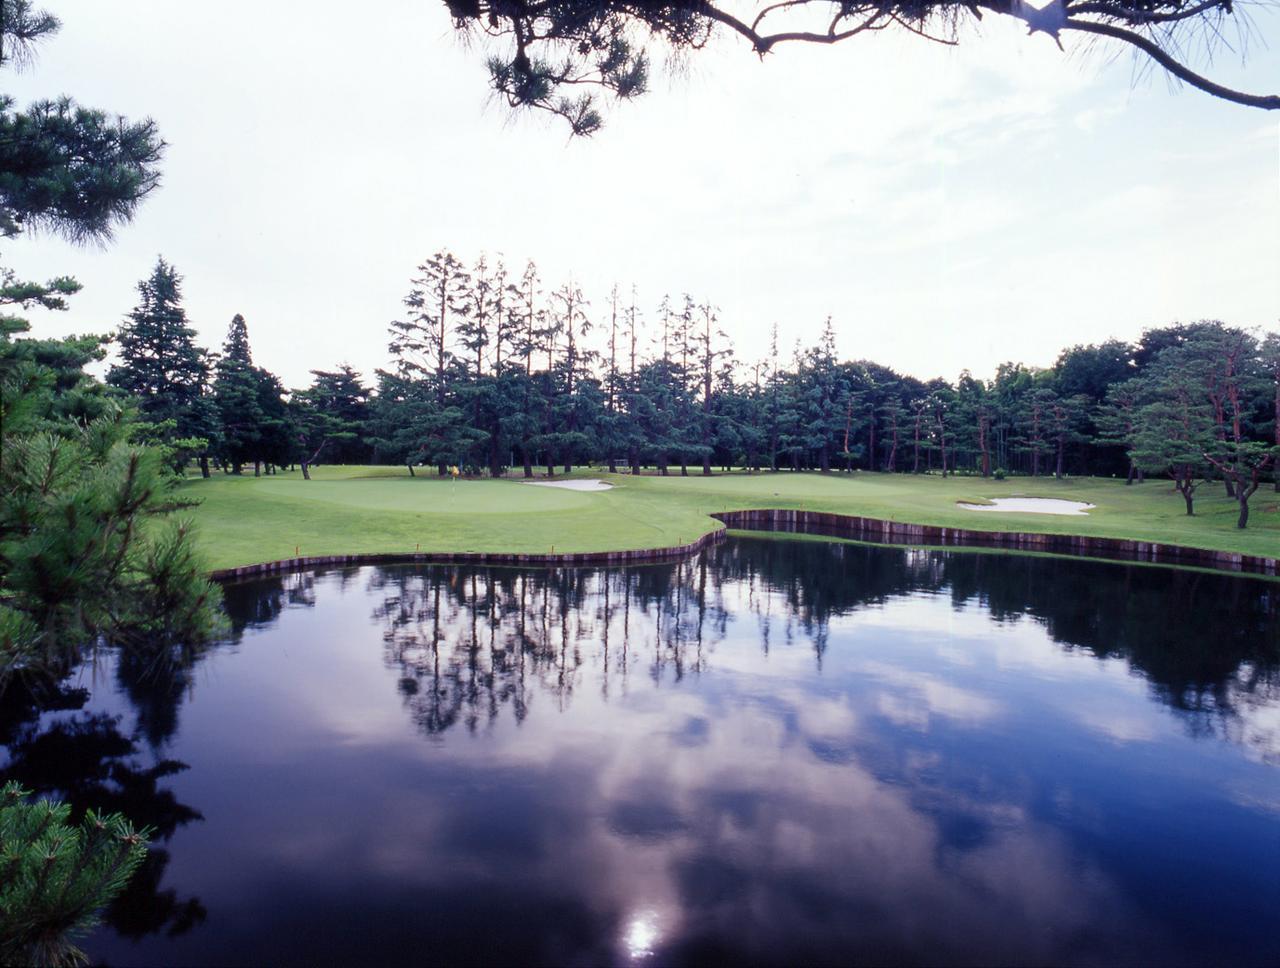 画像: 武蔵CC豊岡コース。昭和34年7月12日開場。設計は井上誠一。18ホール、6714ヤード、パー72。井上作品では龍ヶ崎と並び、2つのグリーンがそれぞれの攻略ラインを持つコースとなった。